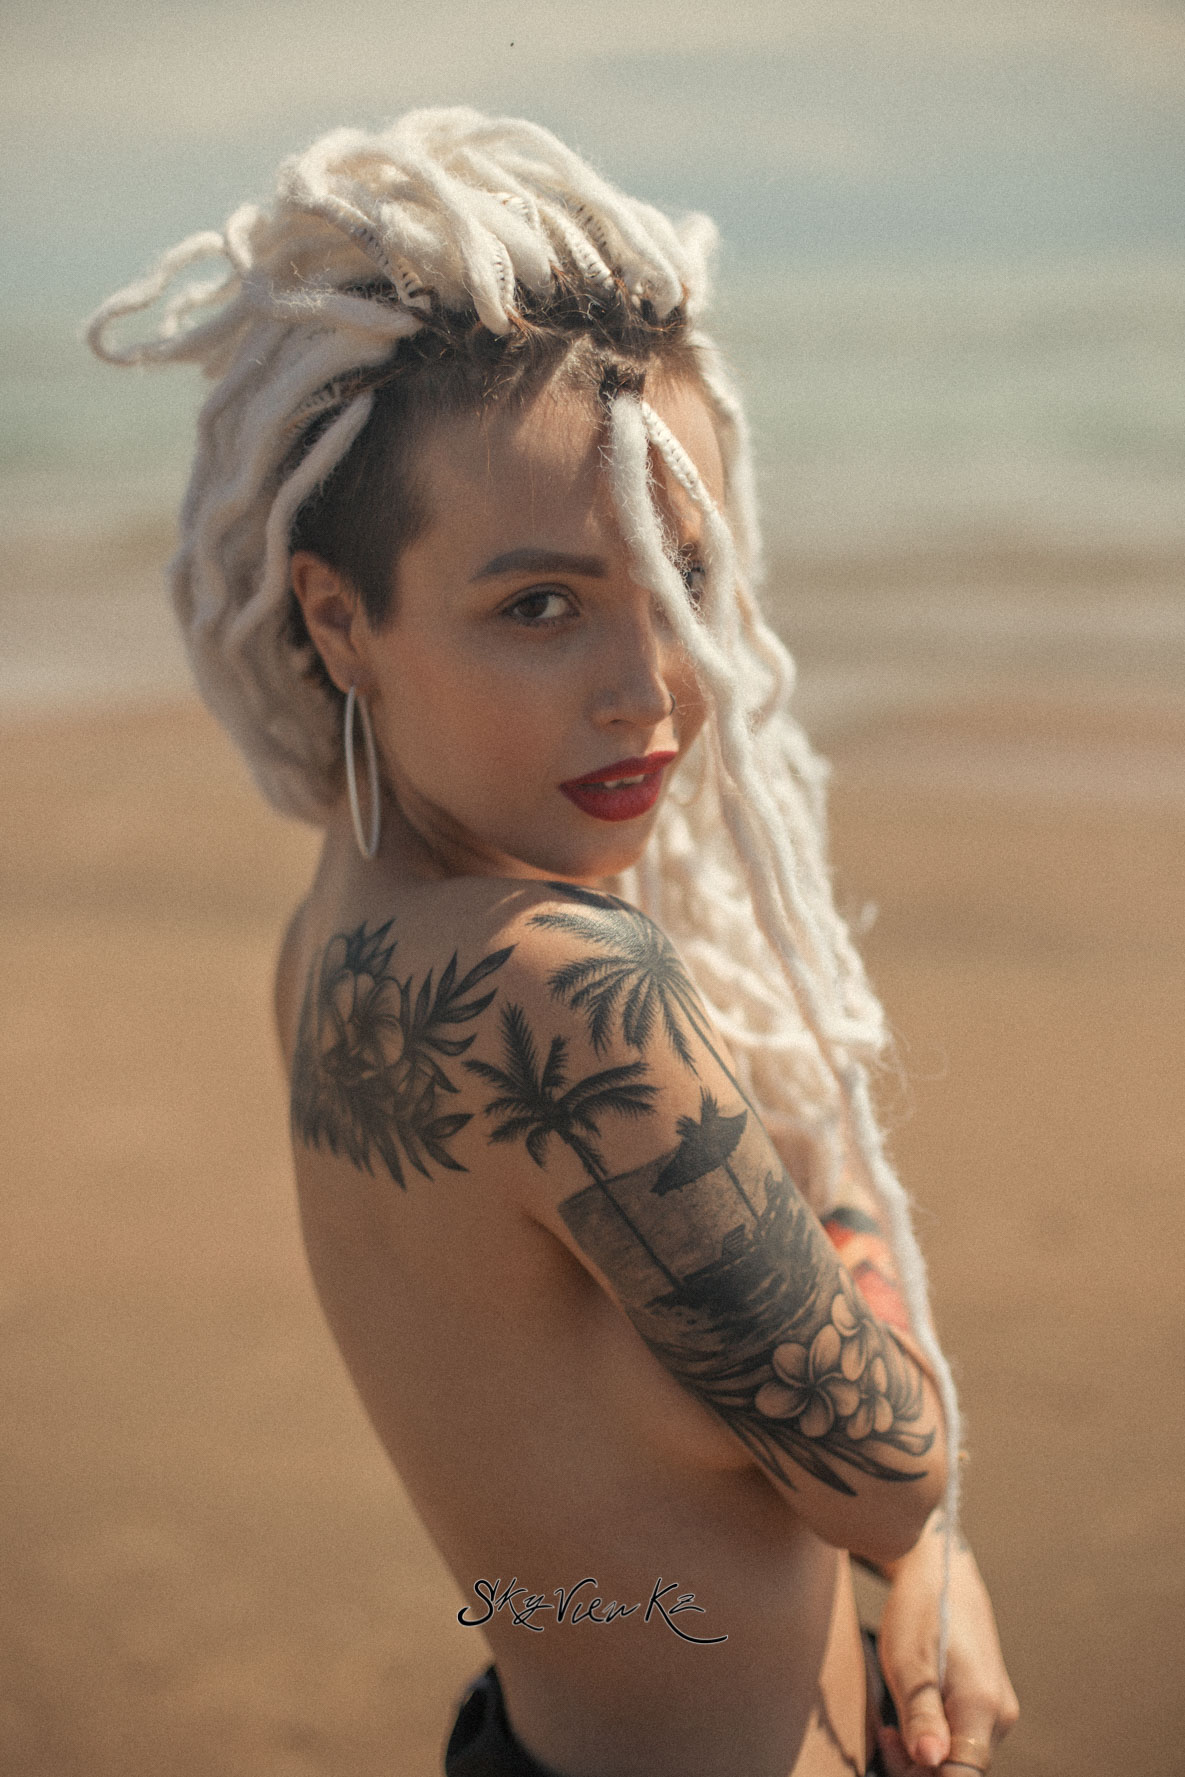 Daniela Photoset